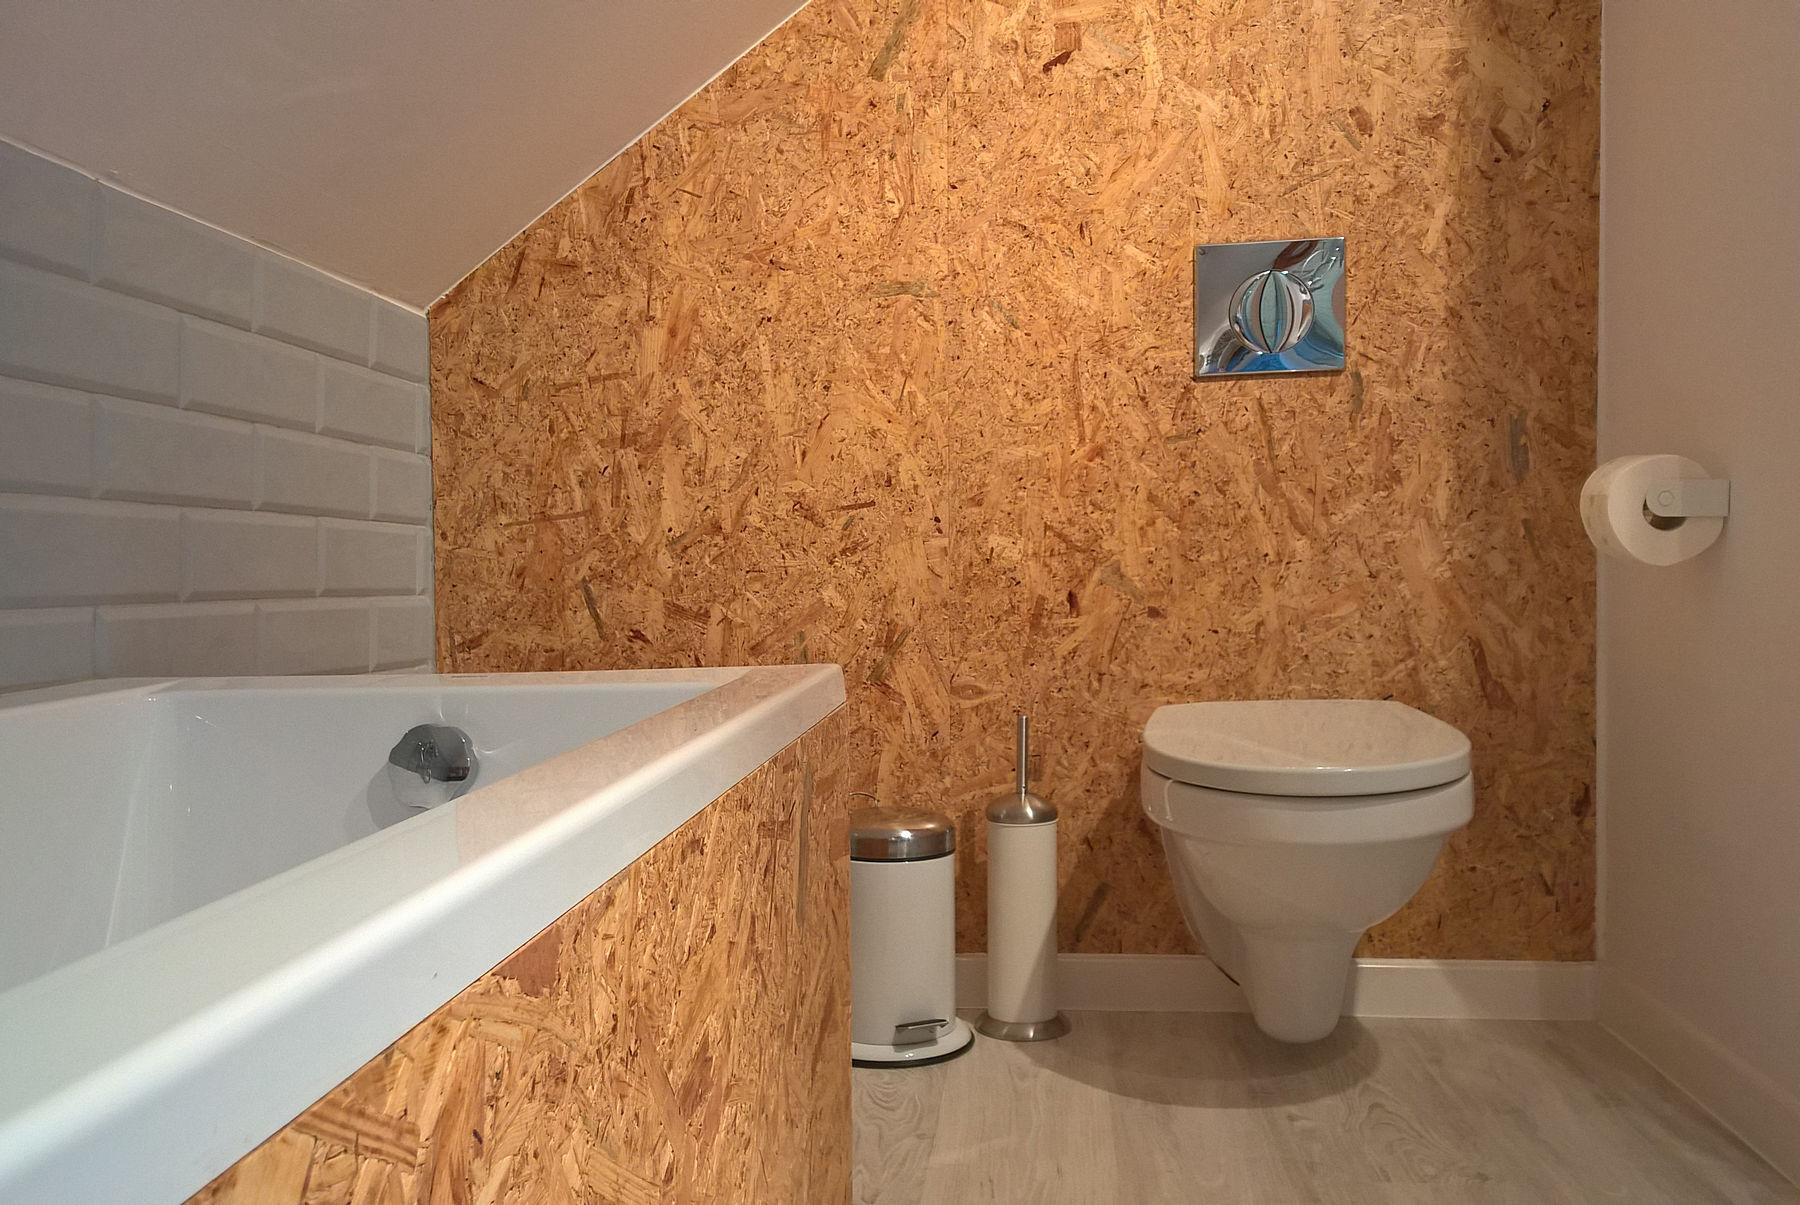 ОСБ плиты в ванной